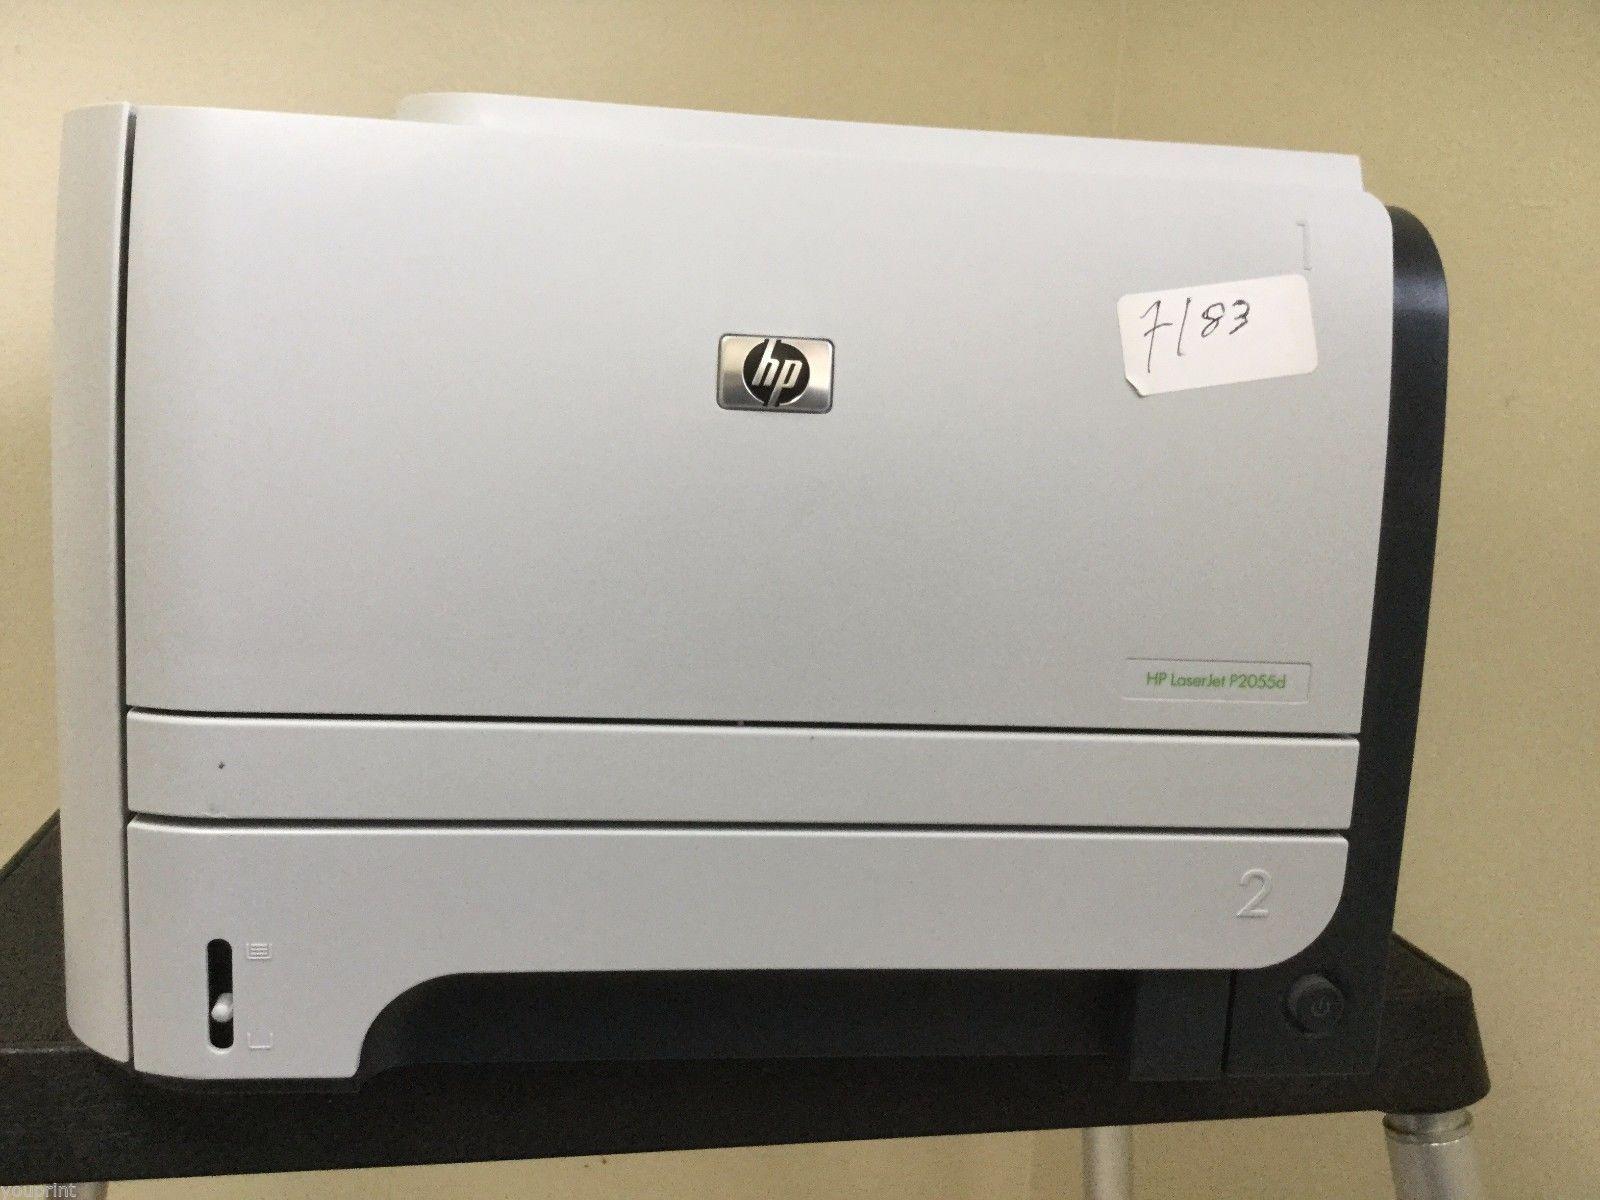 hp laserjet p2055d monochrome workgroup laser printer. Black Bedroom Furniture Sets. Home Design Ideas